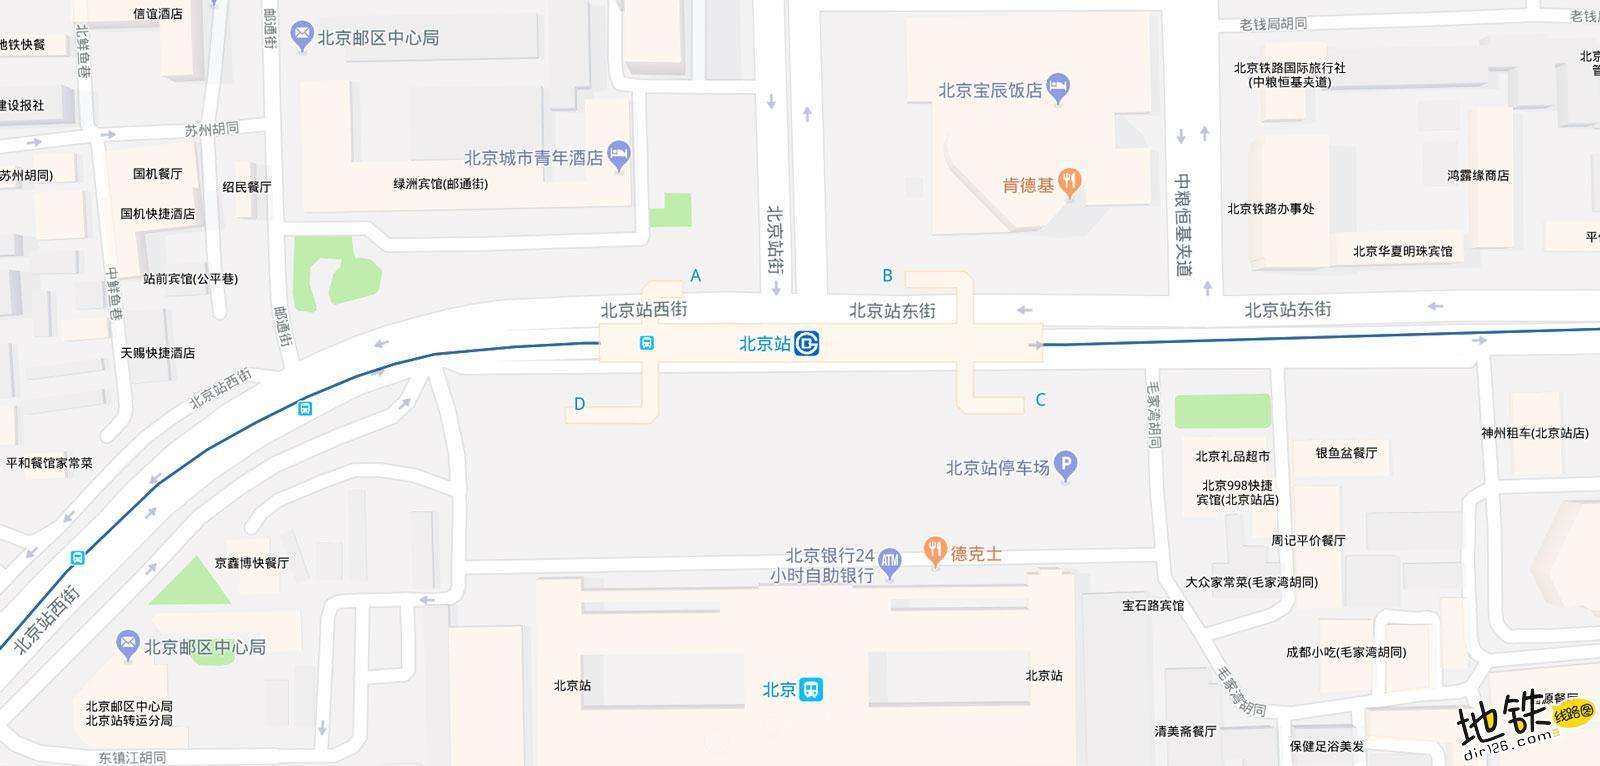 北京站地铁站 北京地铁北京站站出入口 地图信息查询  北京地铁站  第2张